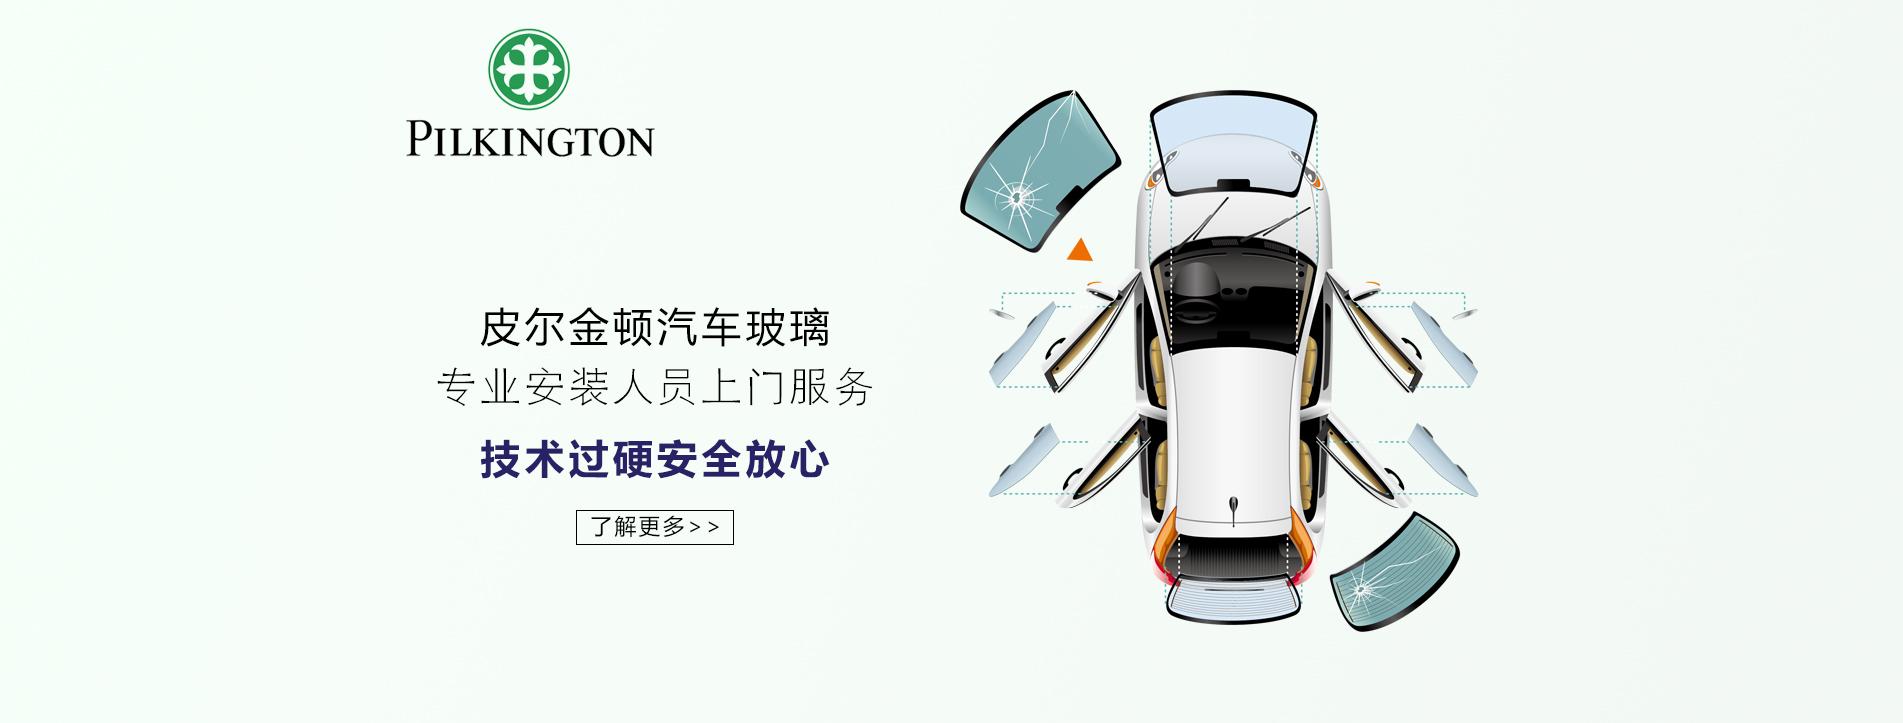 沈阳汽车玻璃服务公司用技术和服务让每一位客户都满意